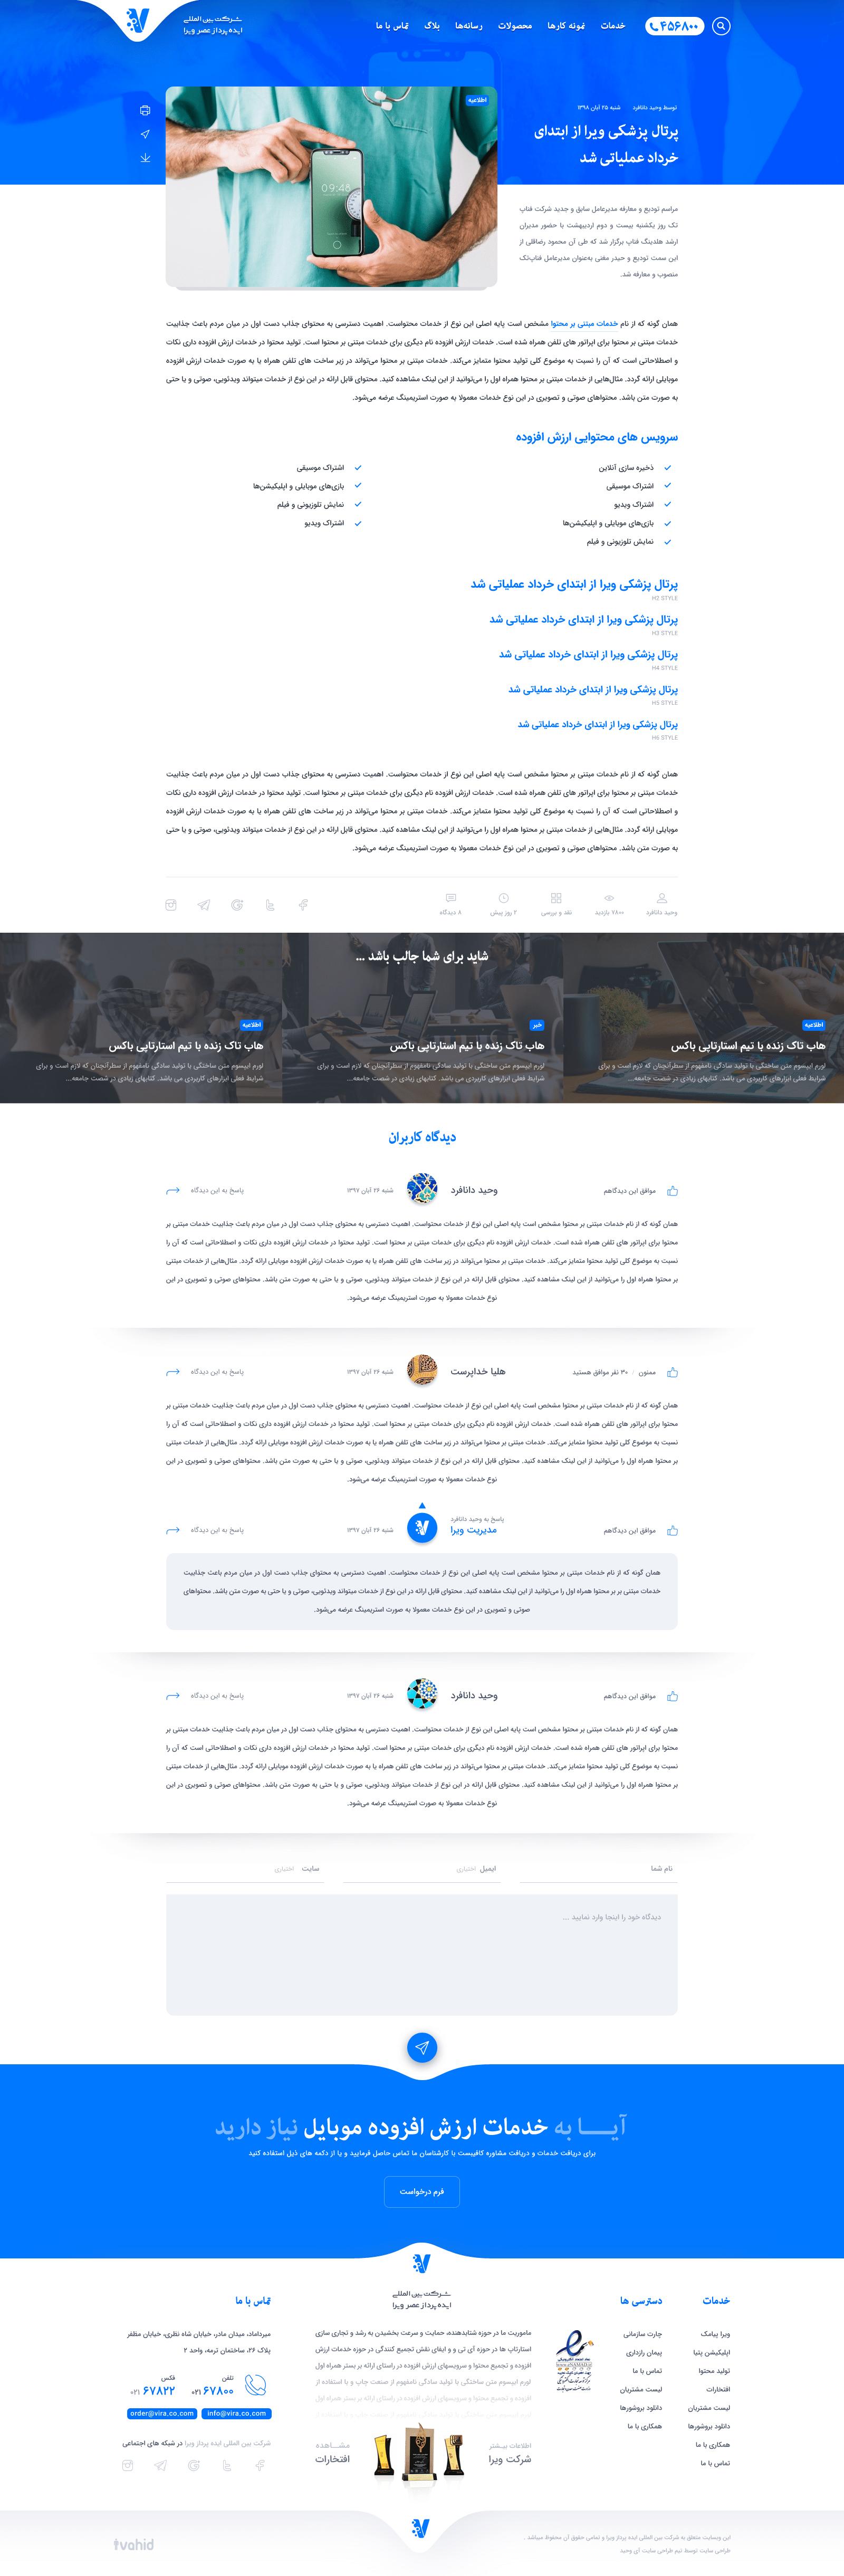 صفحه داخلی بلاگ